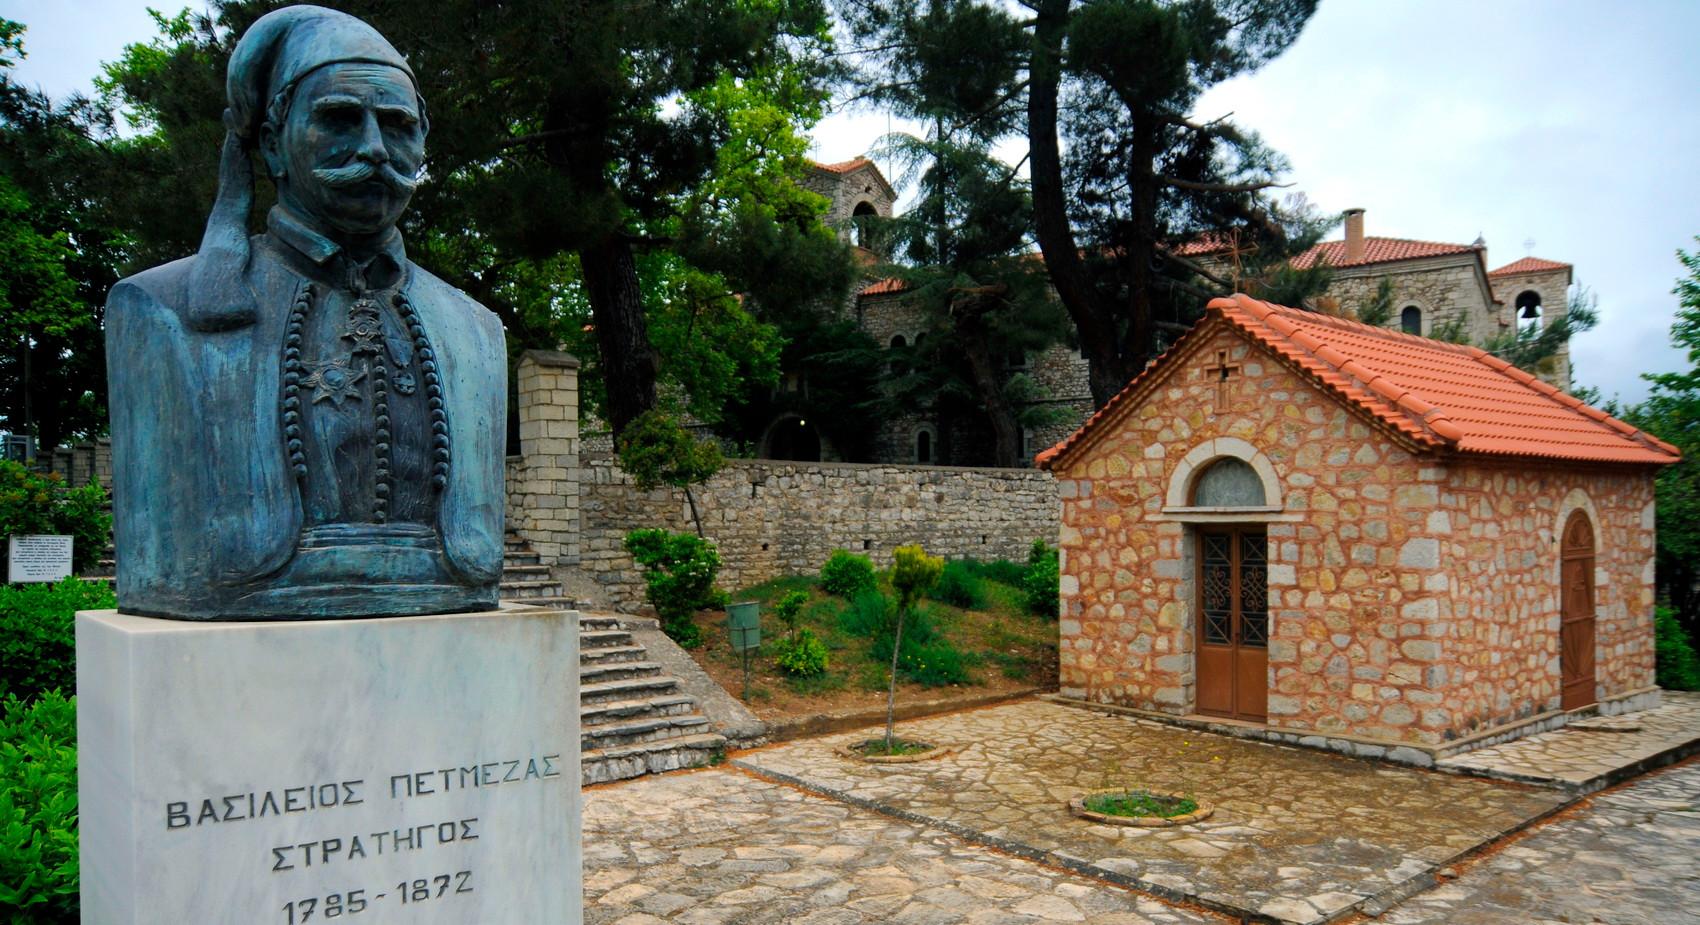 GENERAL PETMEZAS